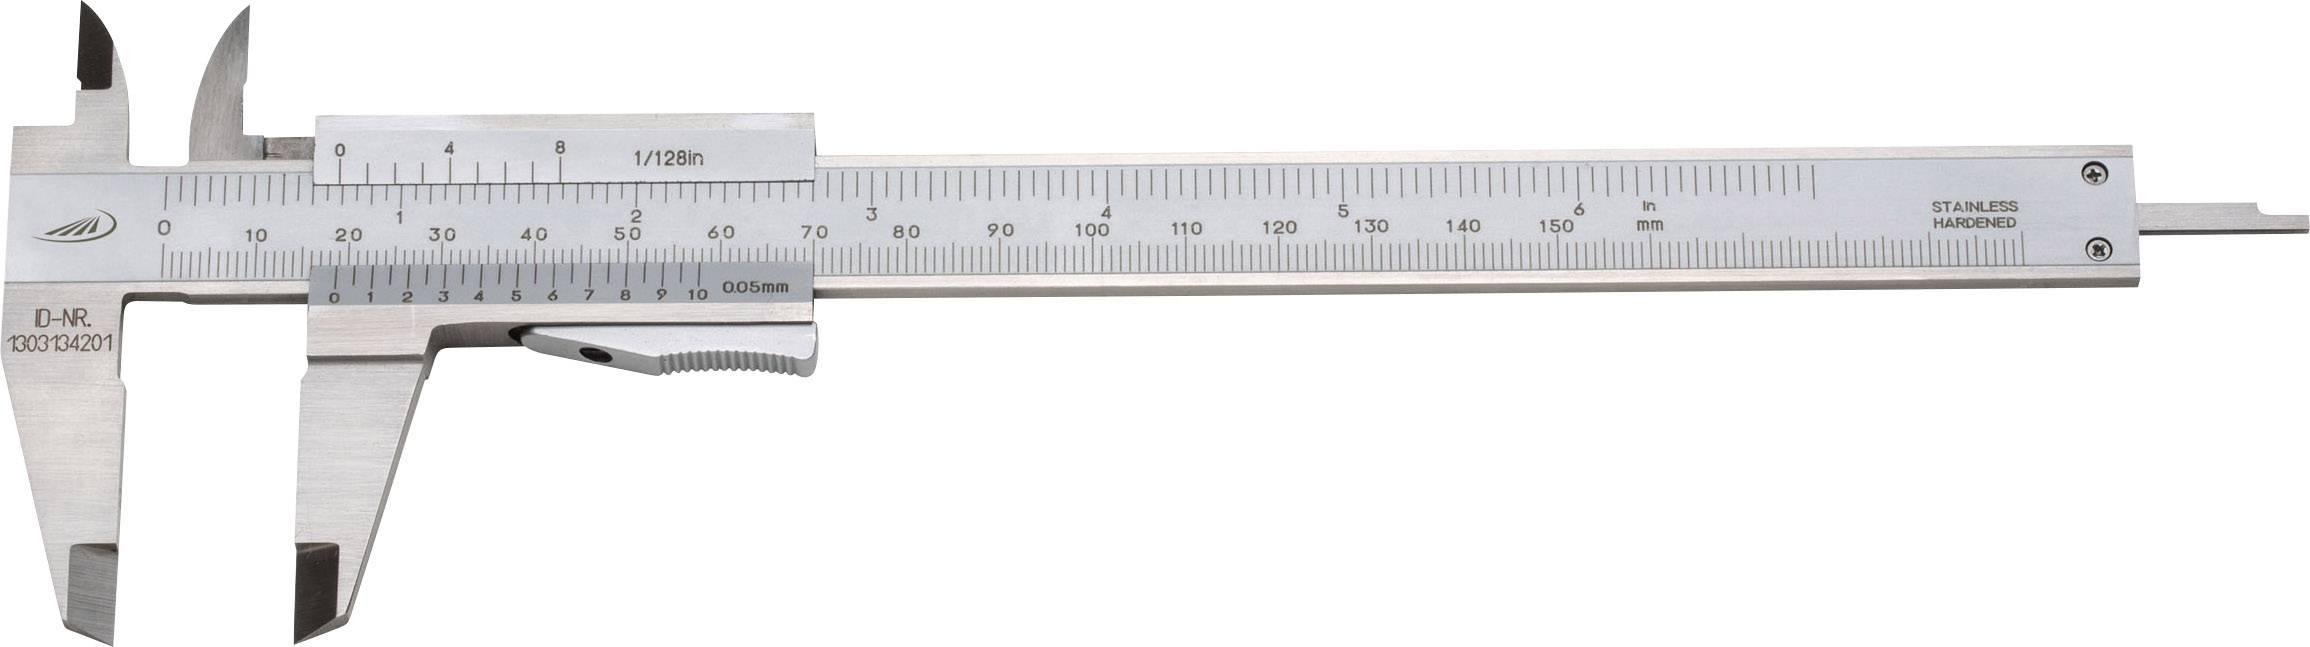 Vreckové posuvné meradlo Helios Preisser 0184 501, rozsah merania 150 mm